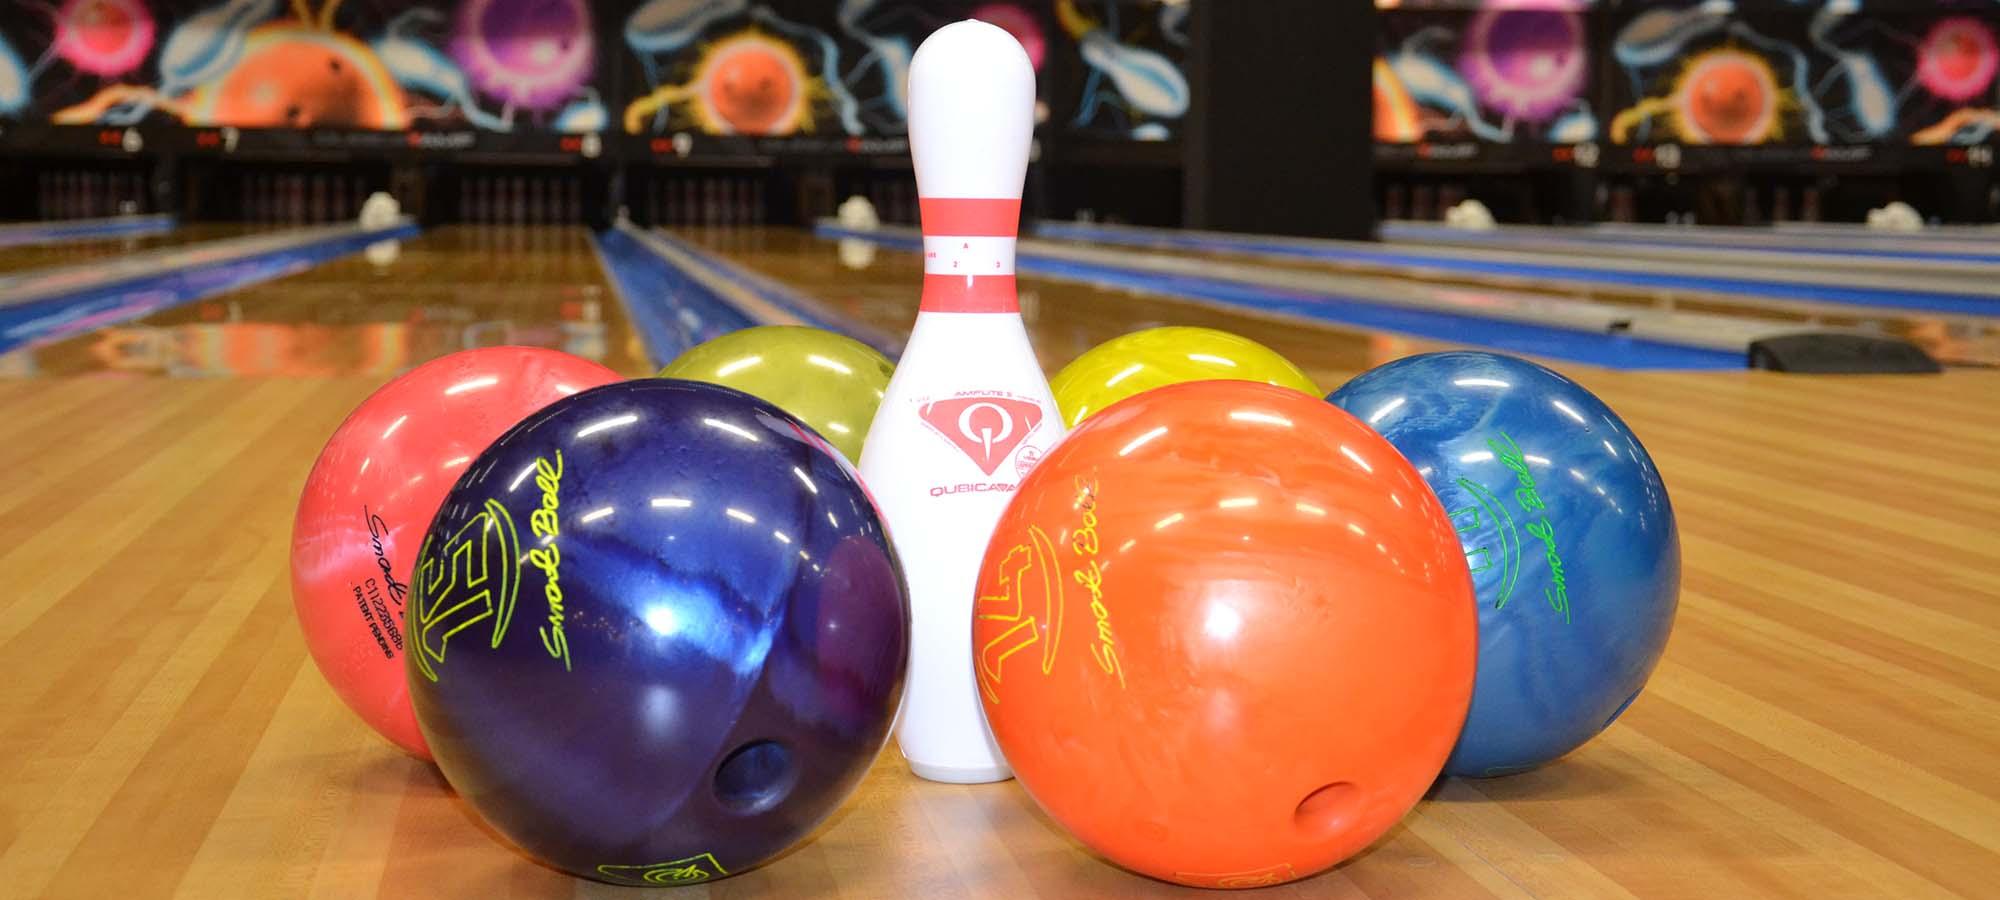 Bowling La Sphère - Bowling Poitiers – Fontaine-Le-Comte dedans Bowling Pour Enfant